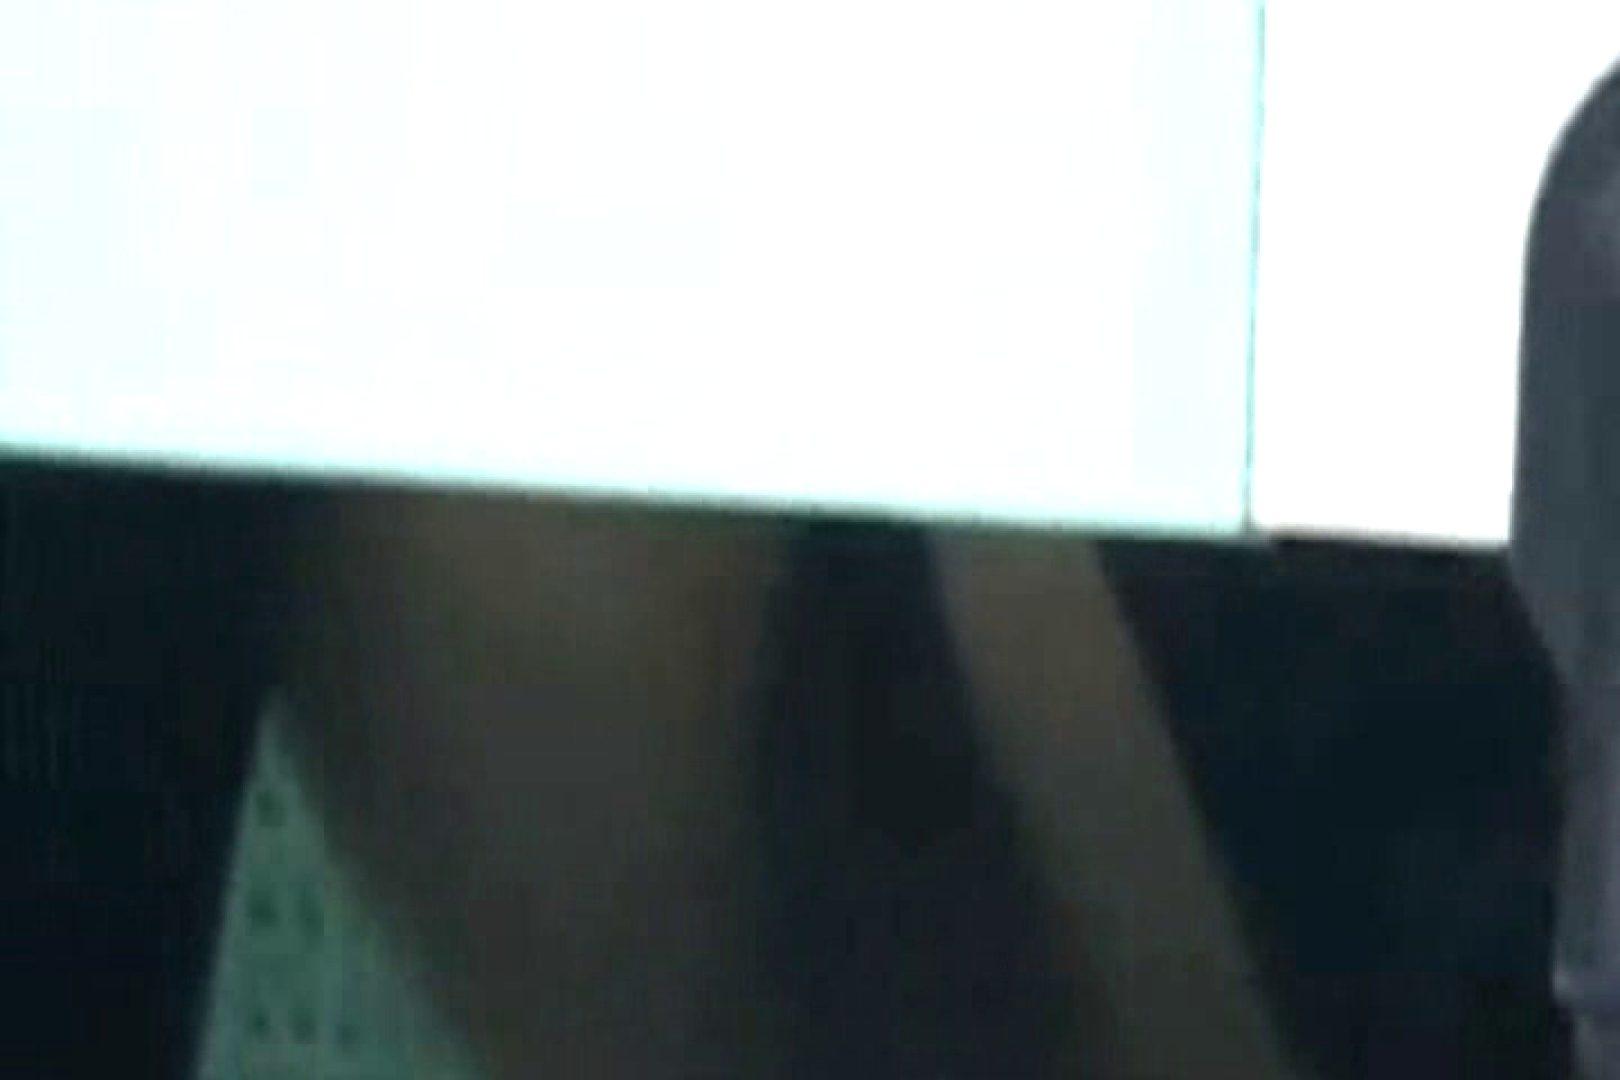 ぼっとん洗面所スペシャルVol.12 洗面所はめどり 盗み撮り動画 99画像 26